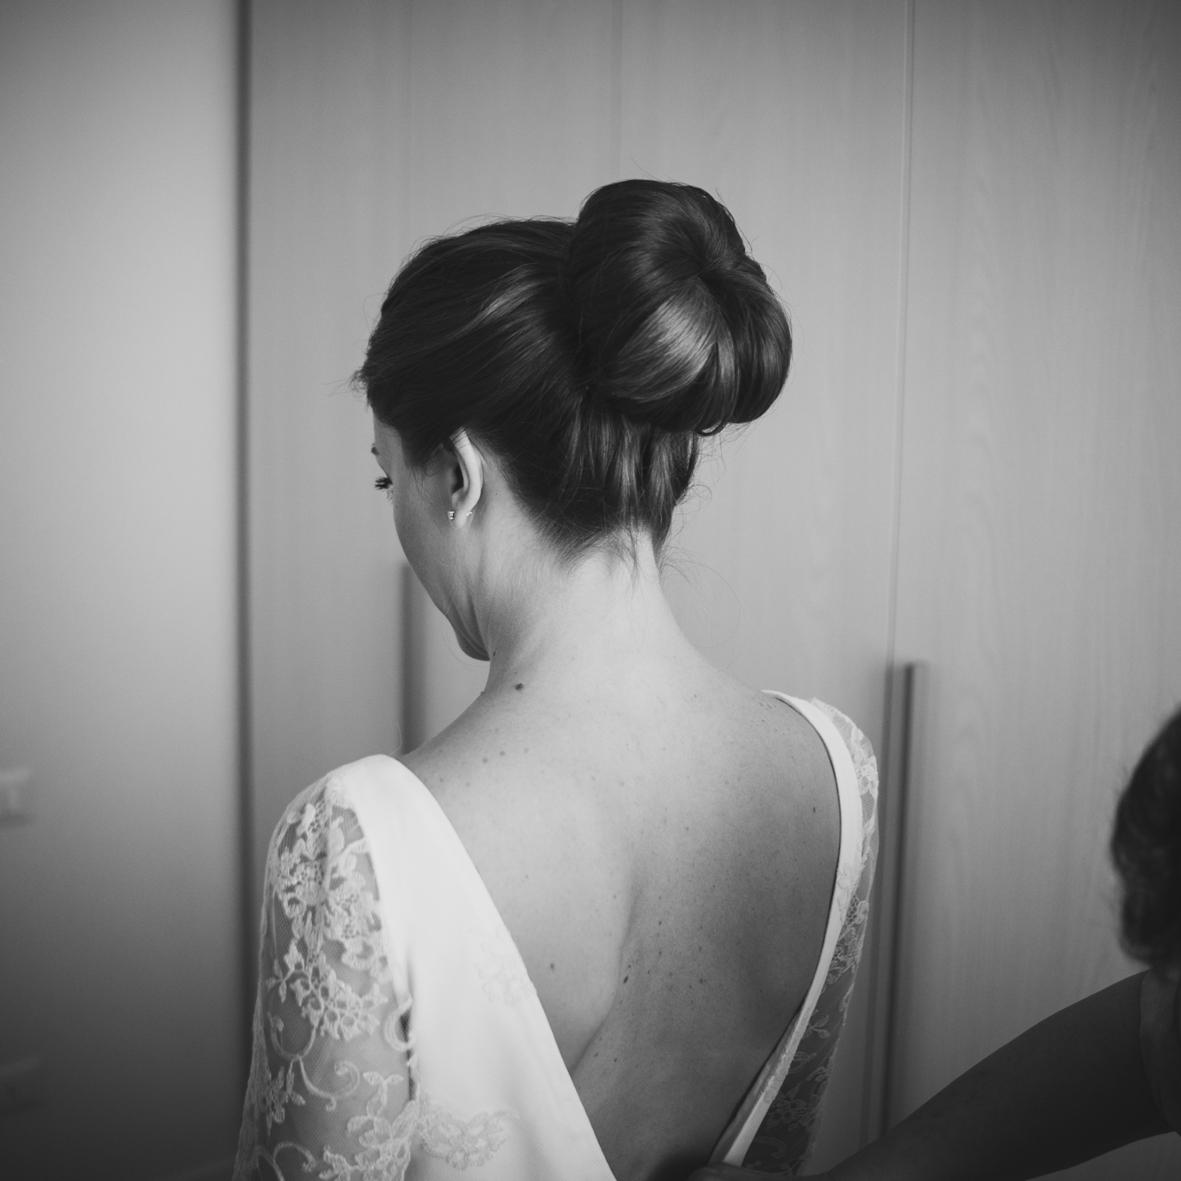 Fotografo matrimonio Brescia reportage di matrimonio Federico Rongaroli11